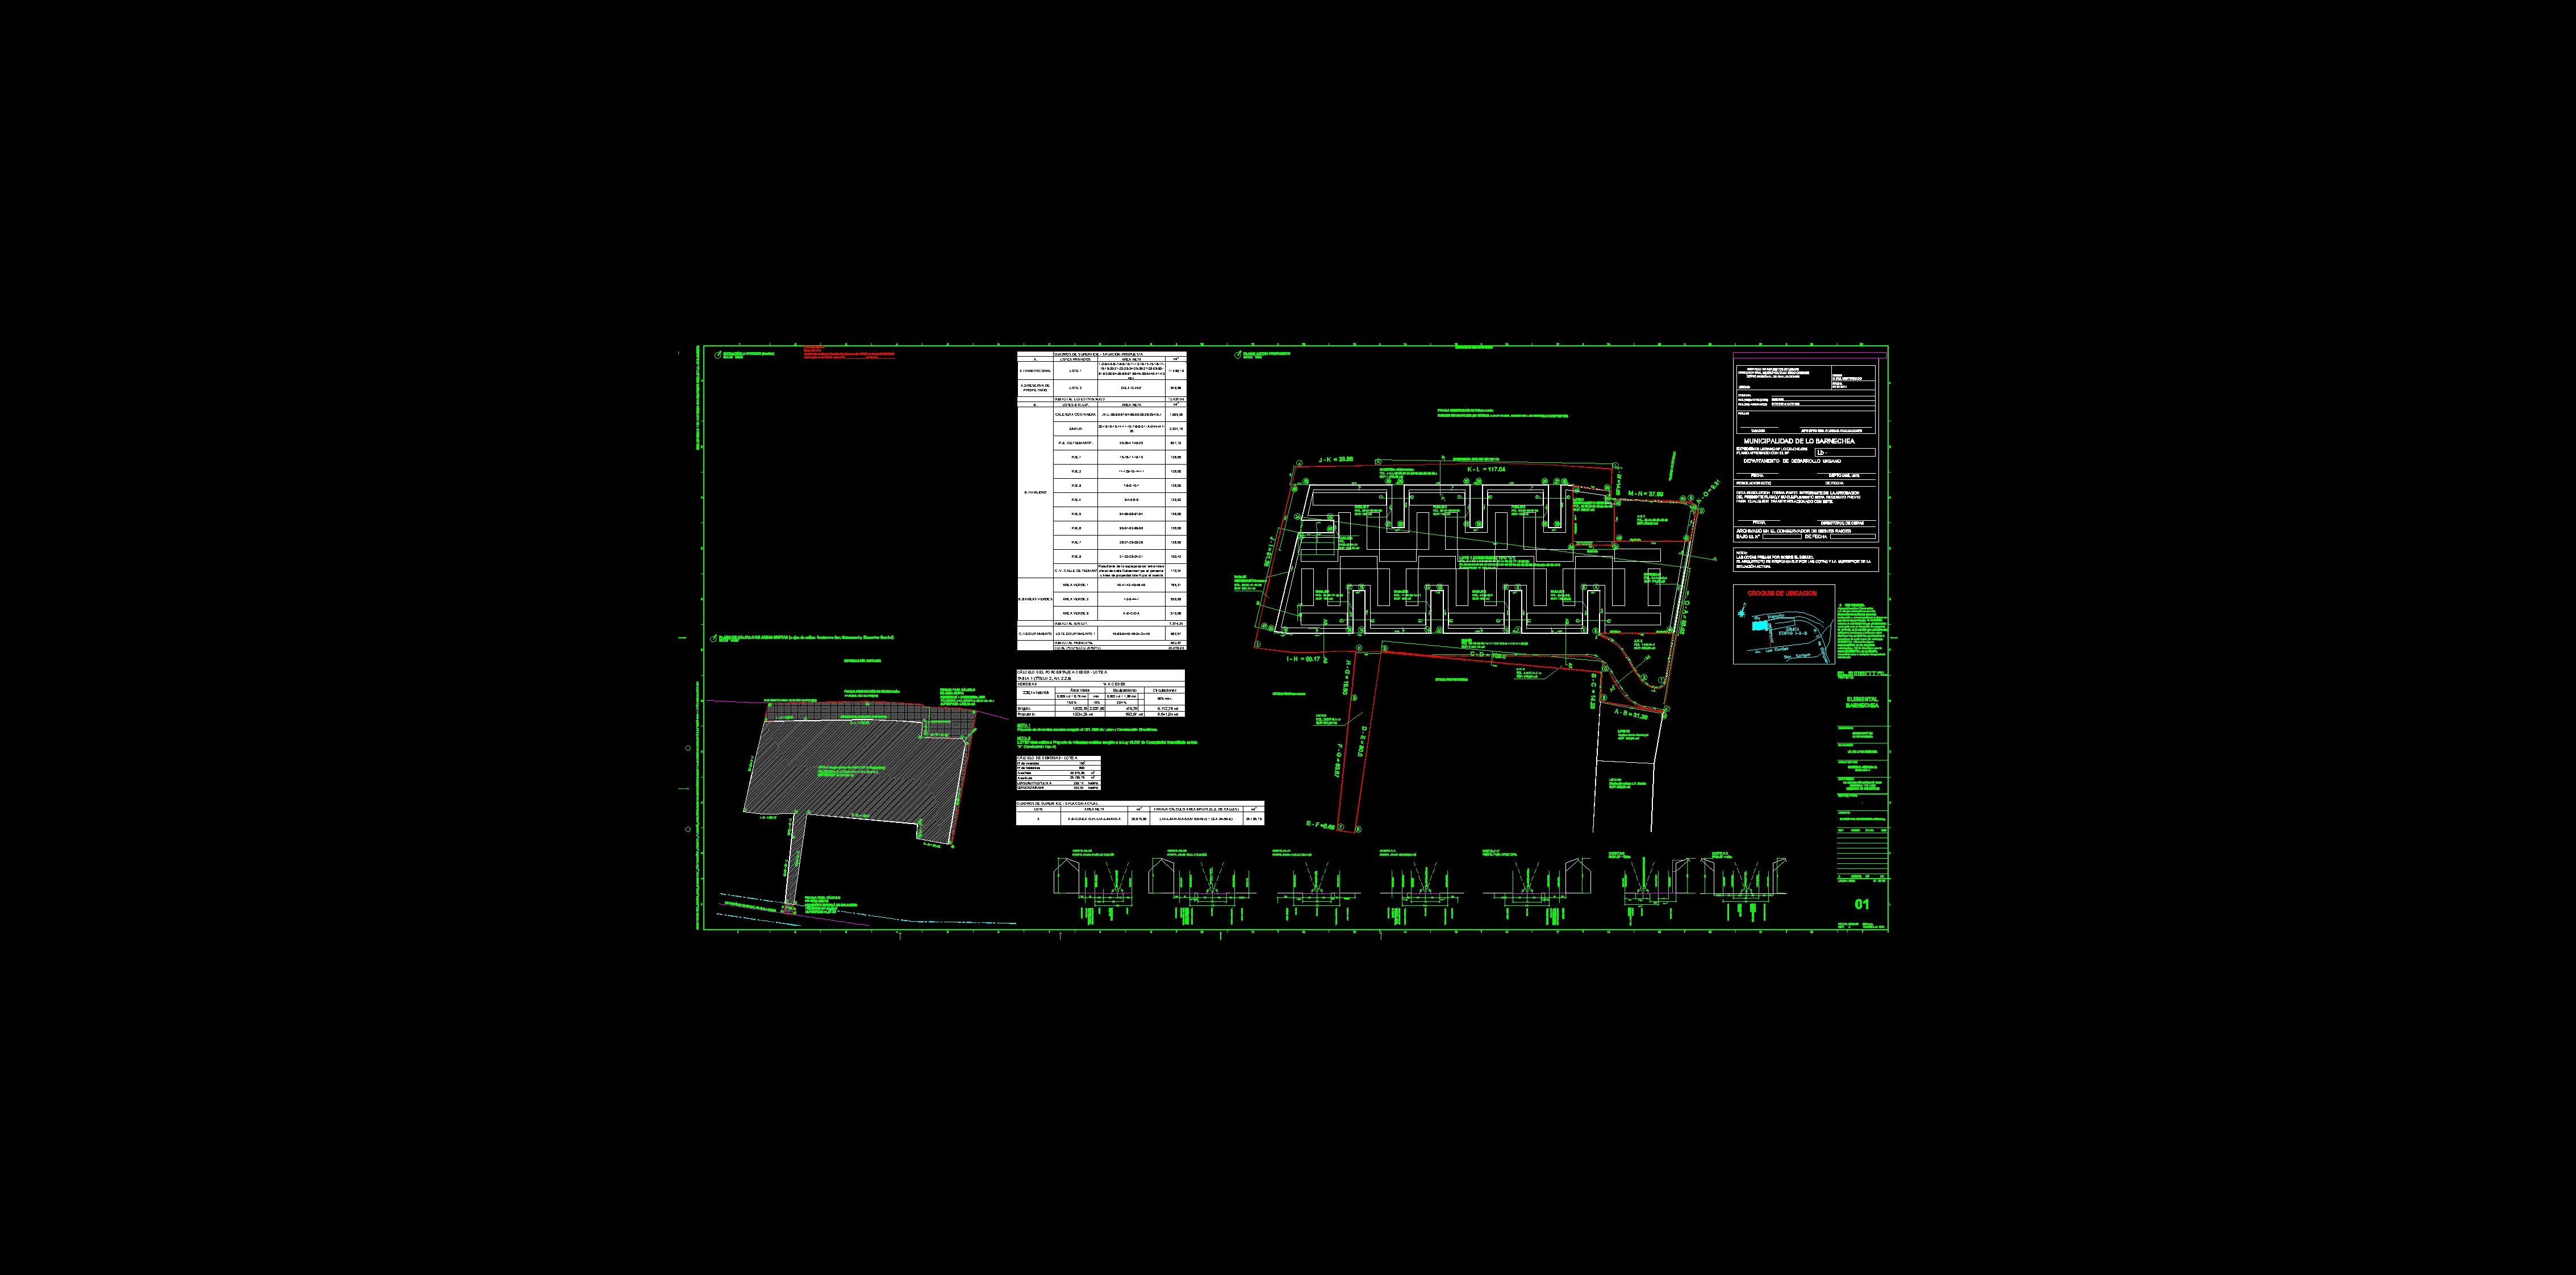 Proyecto de Aravena: Planos Urbanos de BARNECHEA por Aravena